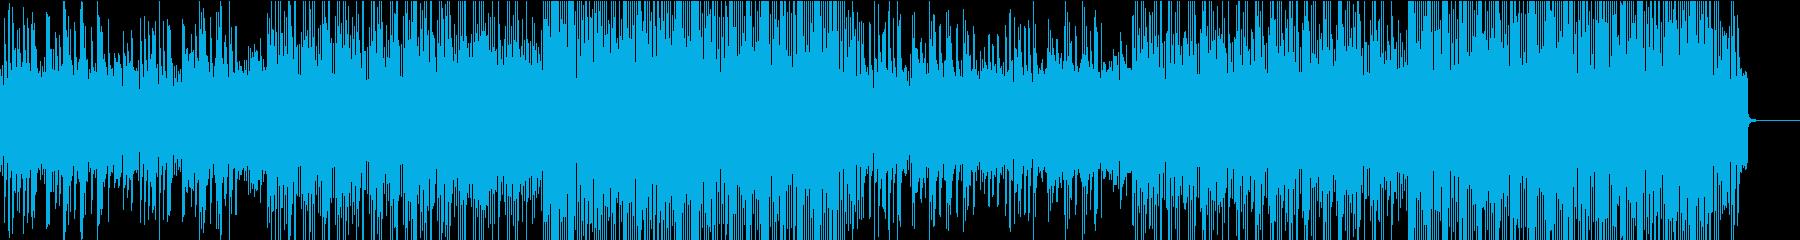 戦闘シーンで流れそうなゲーム音楽風の再生済みの波形